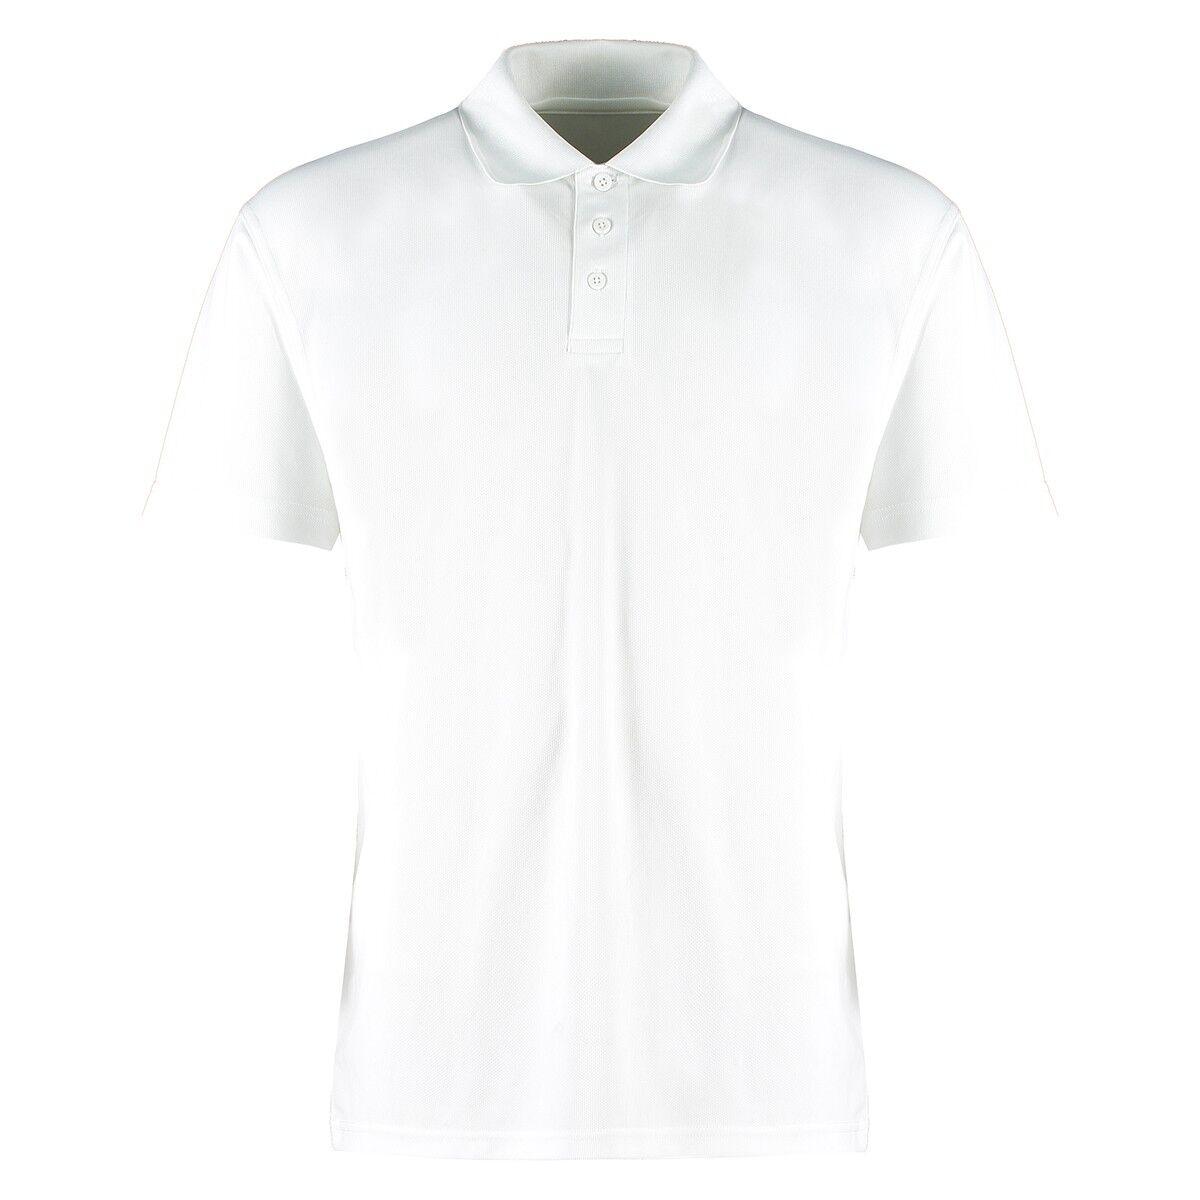 Kustom Kit  Performance Mesh Polo in White